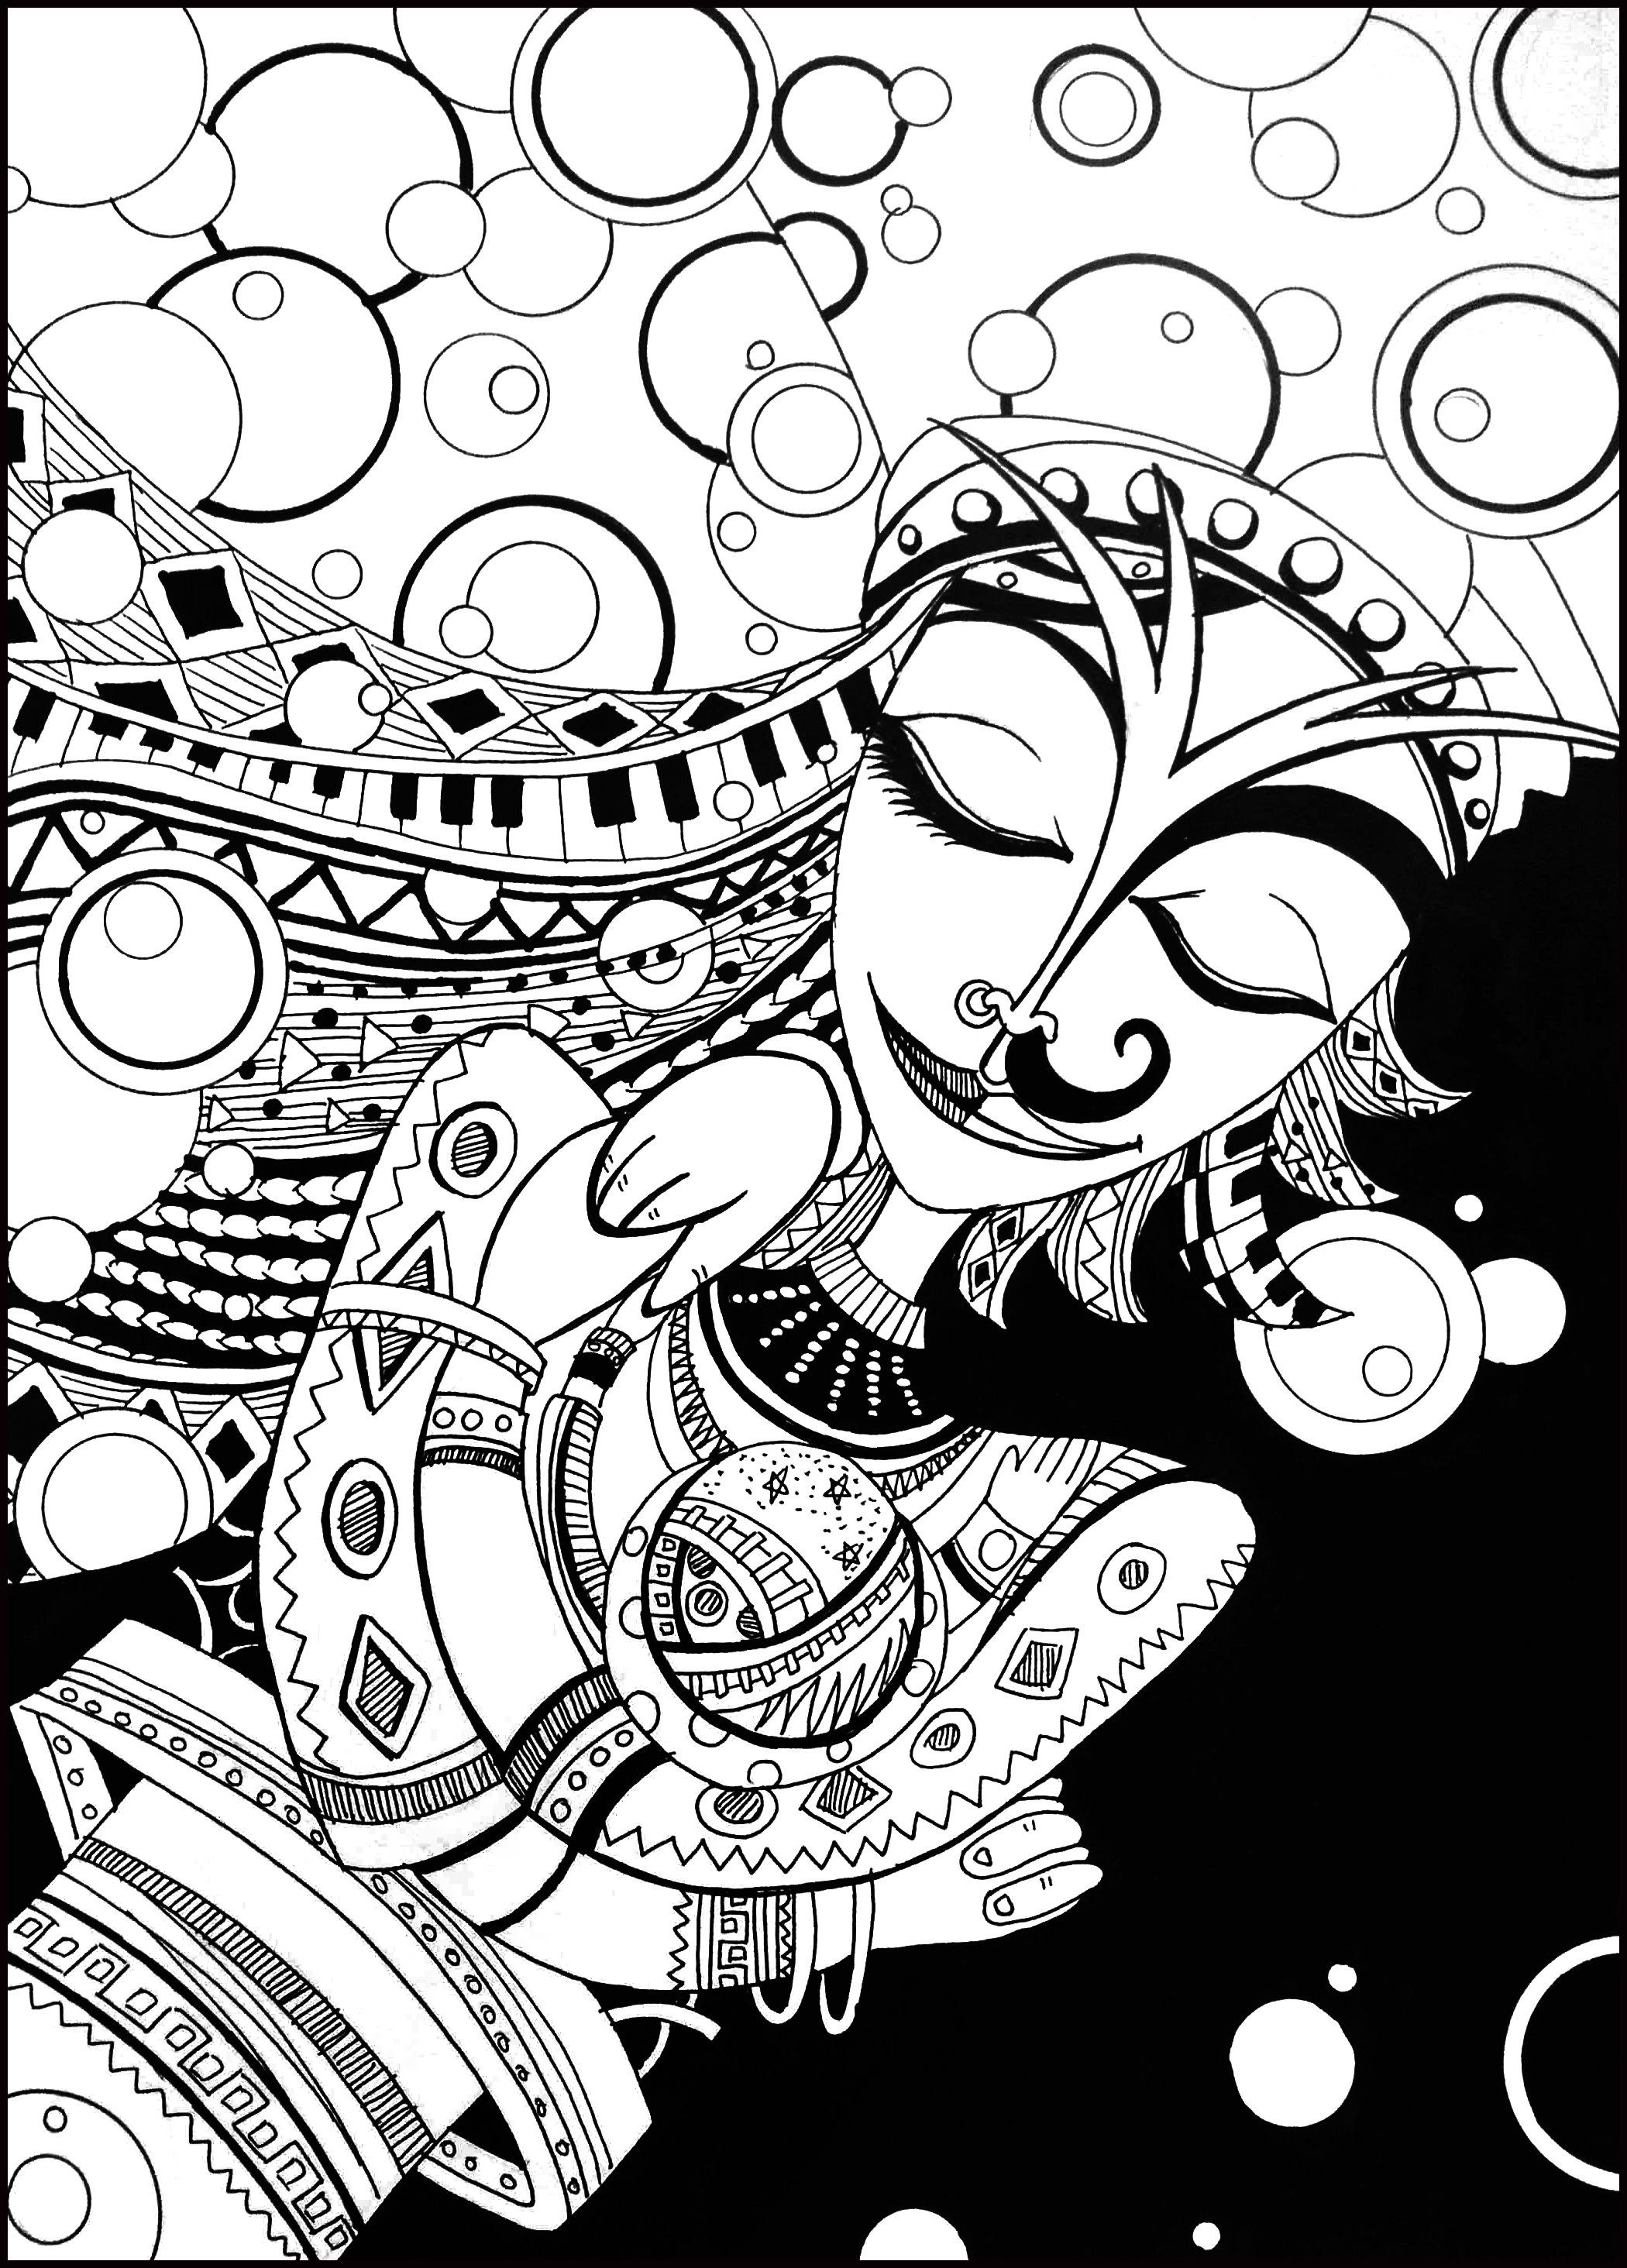 手绘黑白插画|插画|插画习作|沙拉番茄酱 - 原创作品